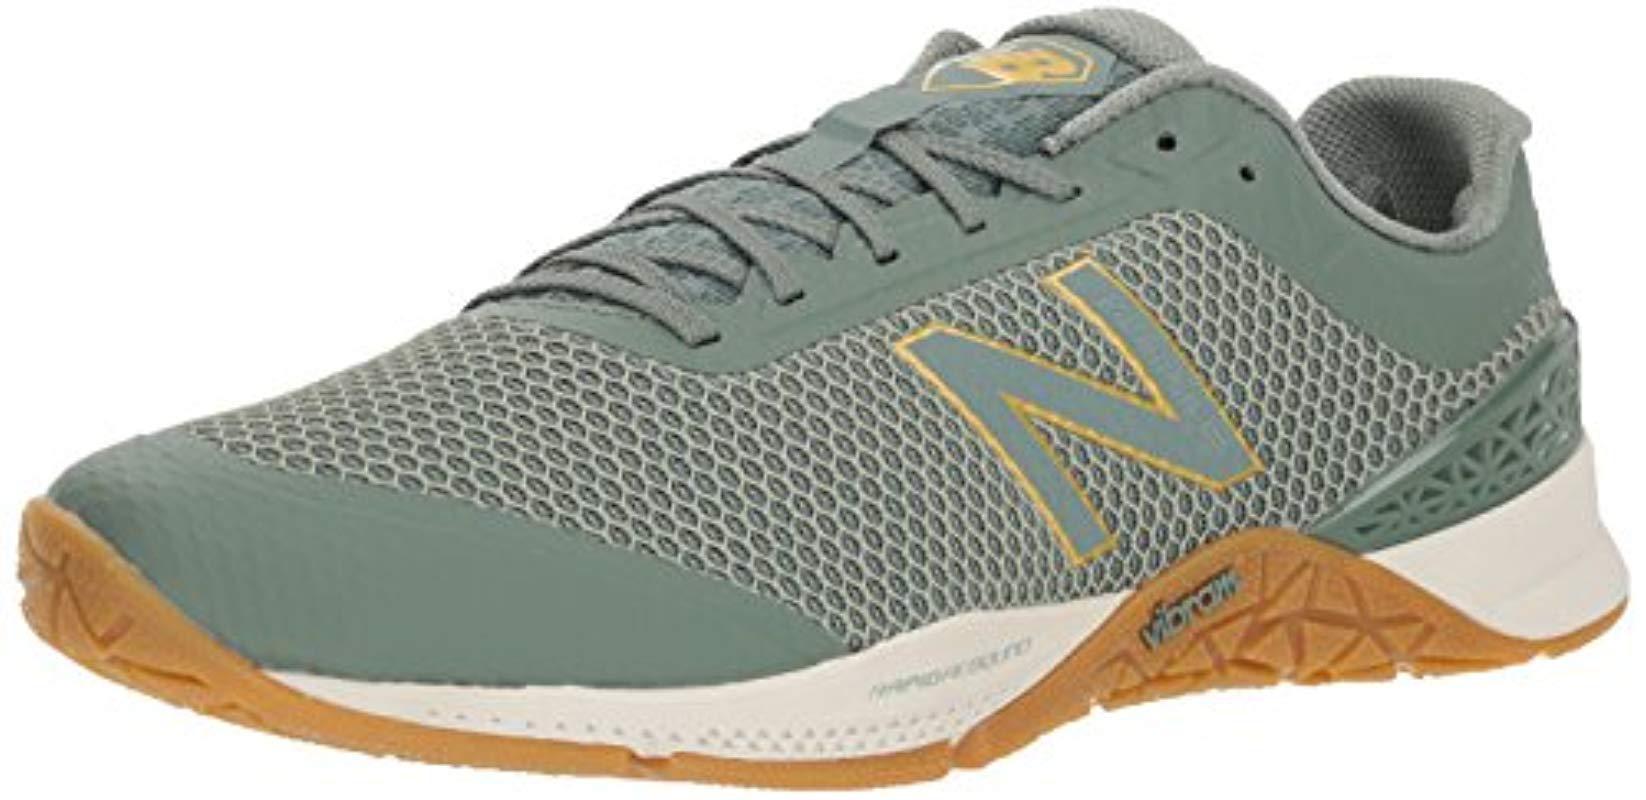 New Balance 40v1 Moda